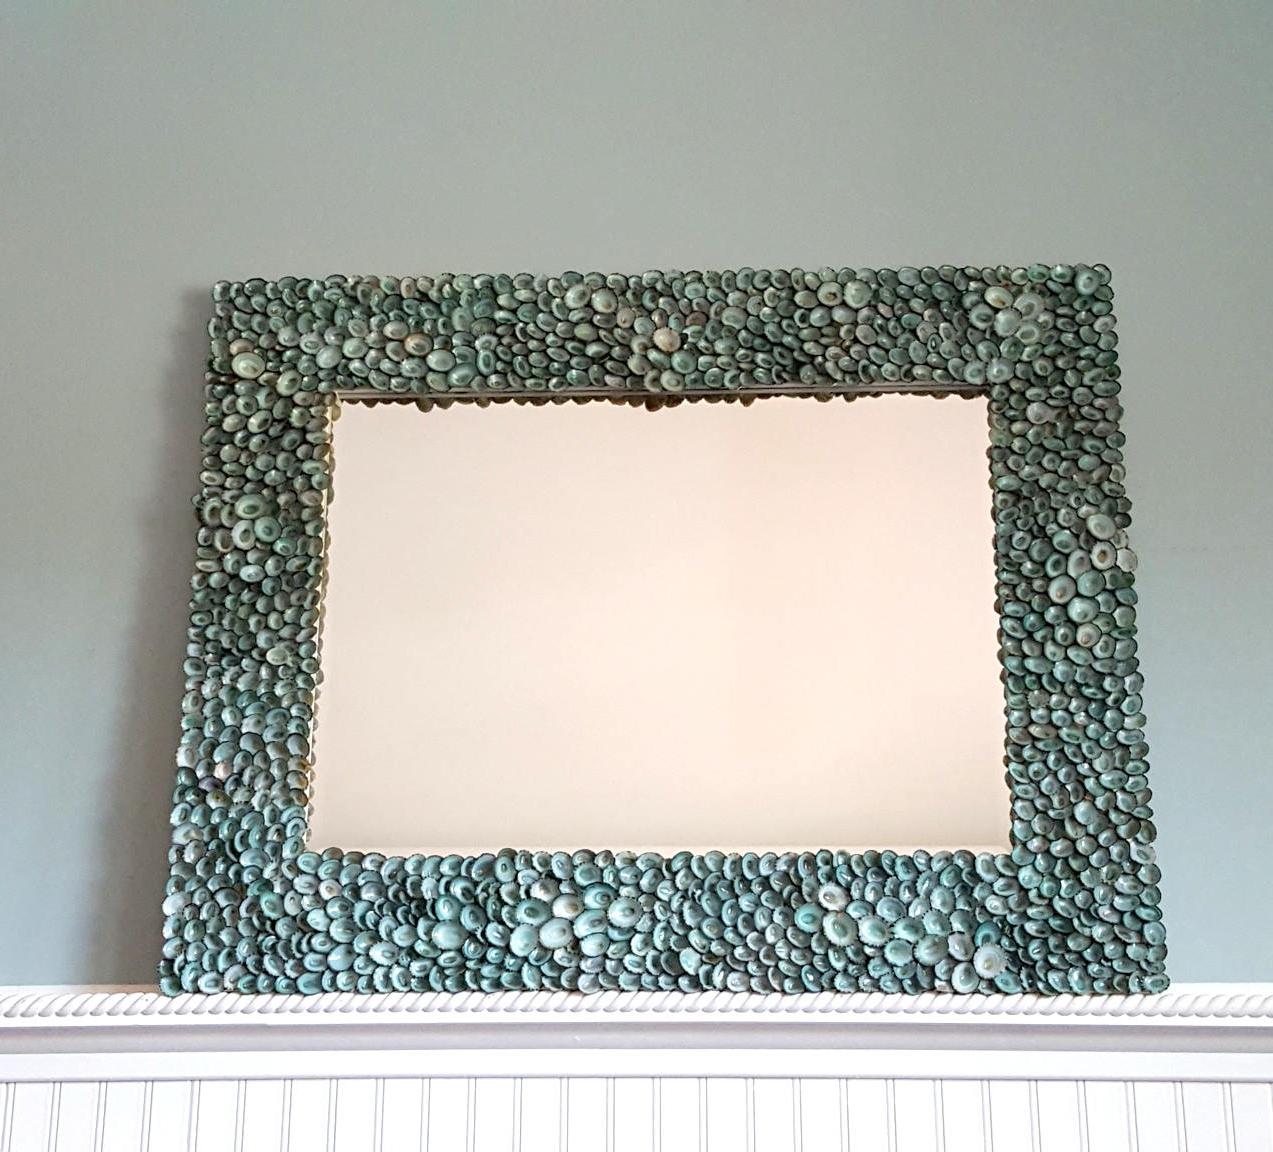 Well Known Beach Decor Seashell Mirror, Aqua Limpet Shell Wall Mirror, Nautical Decor Limpet Shell Mirror, Coastal Decor Beach Mirror – Aqua Regarding Beachy Wall Mirrors (View 15 of 20)